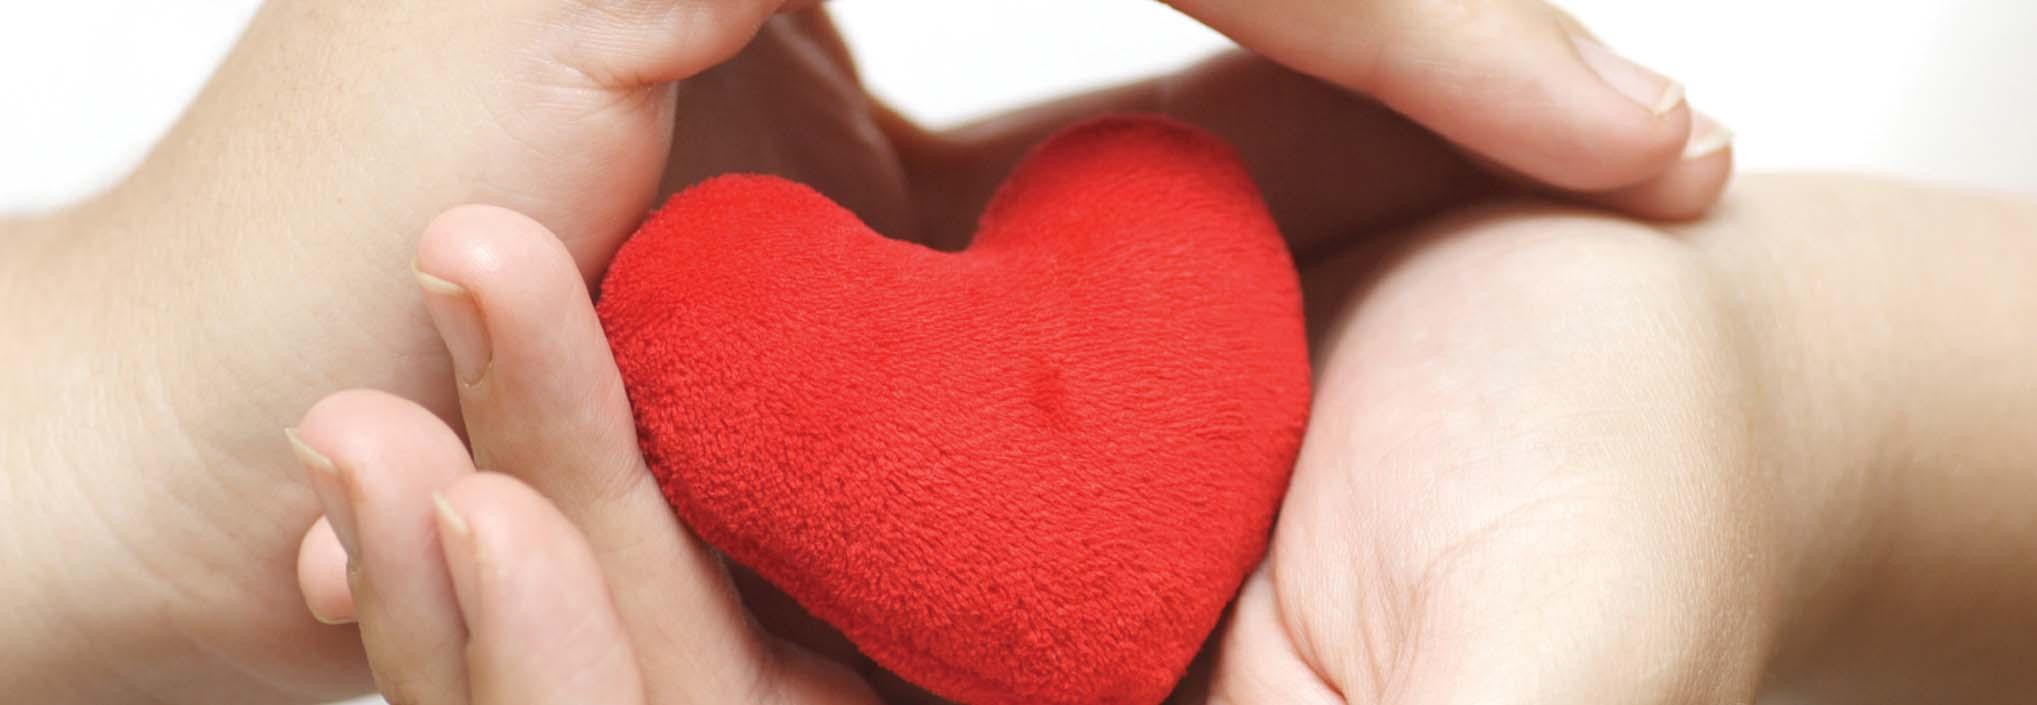 Avoiding Heart Disease - event details